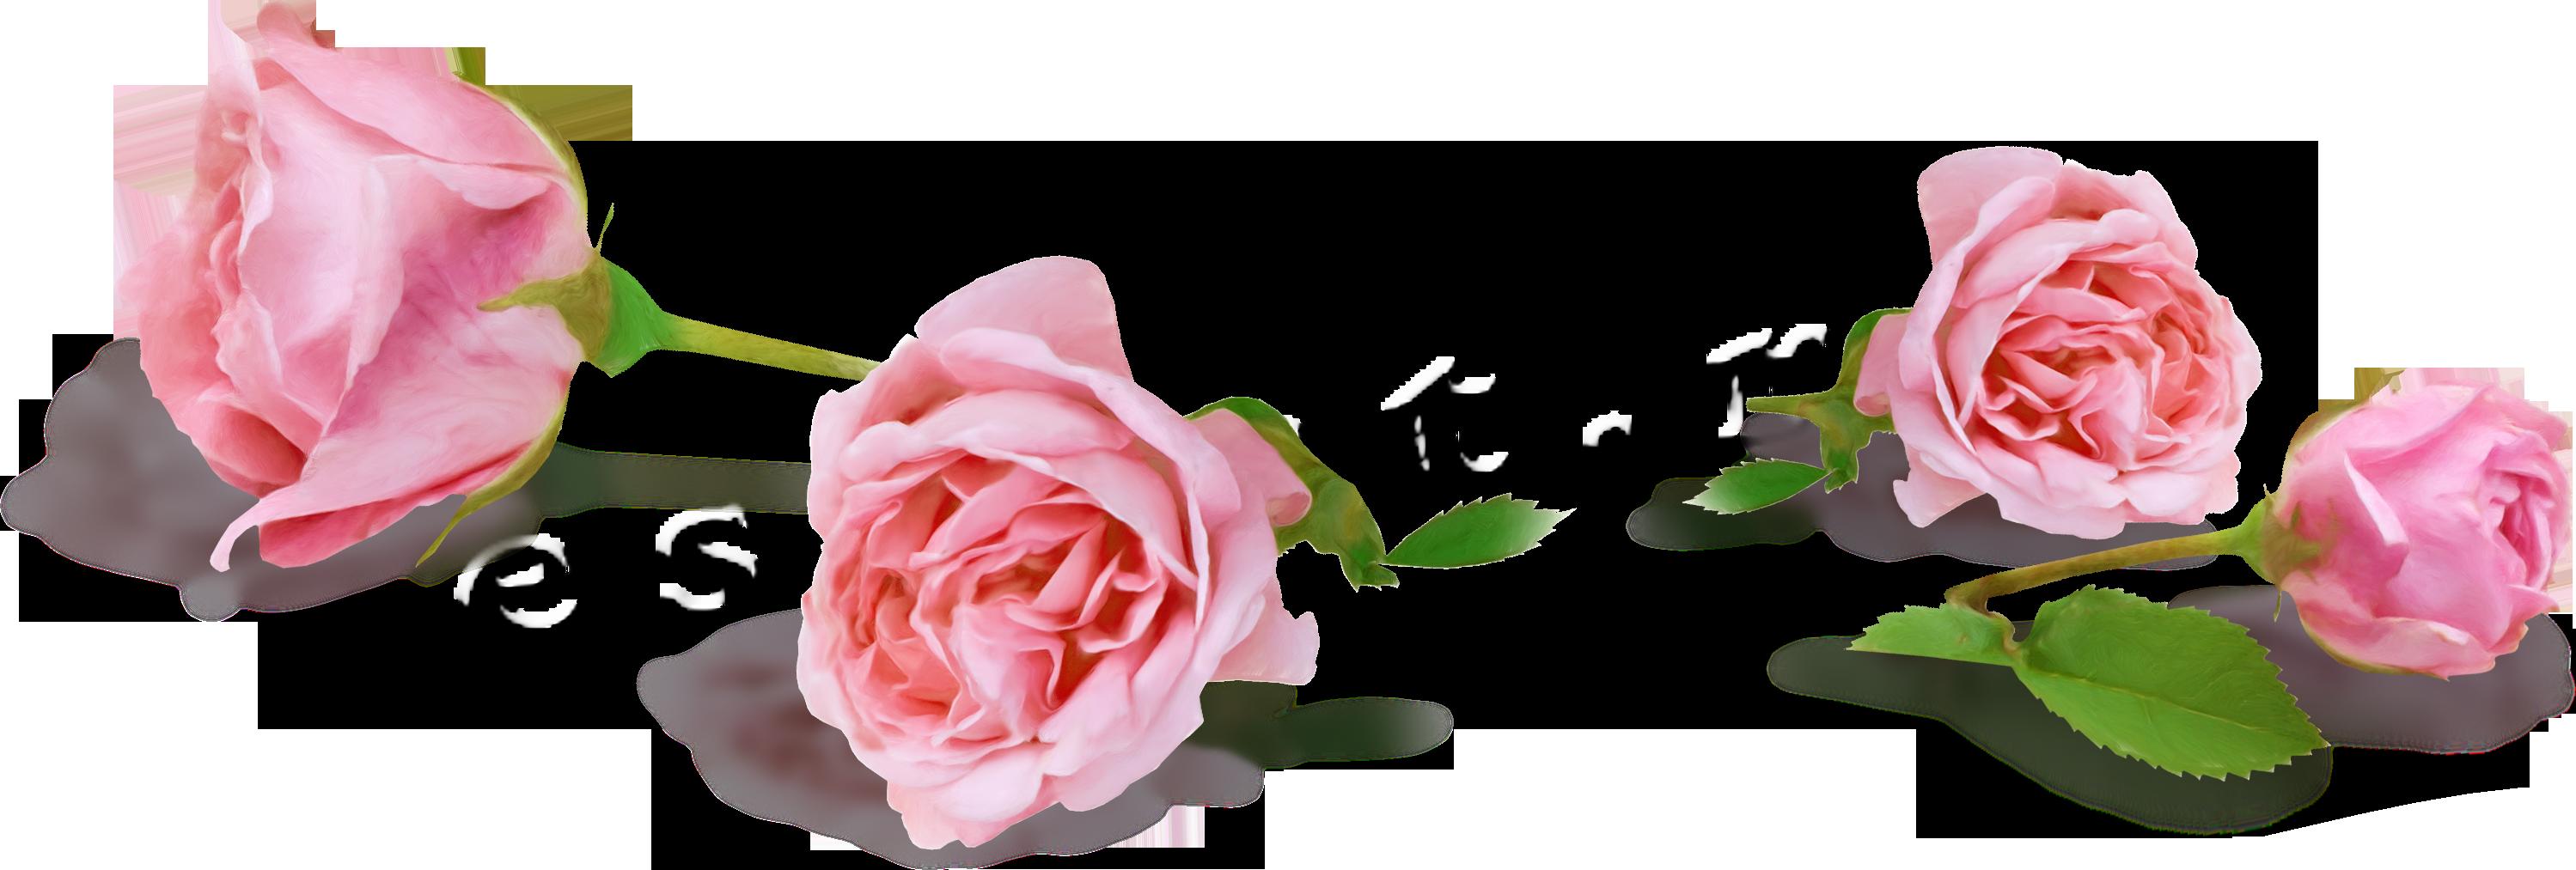 Как быстро высушить гербарий цветы